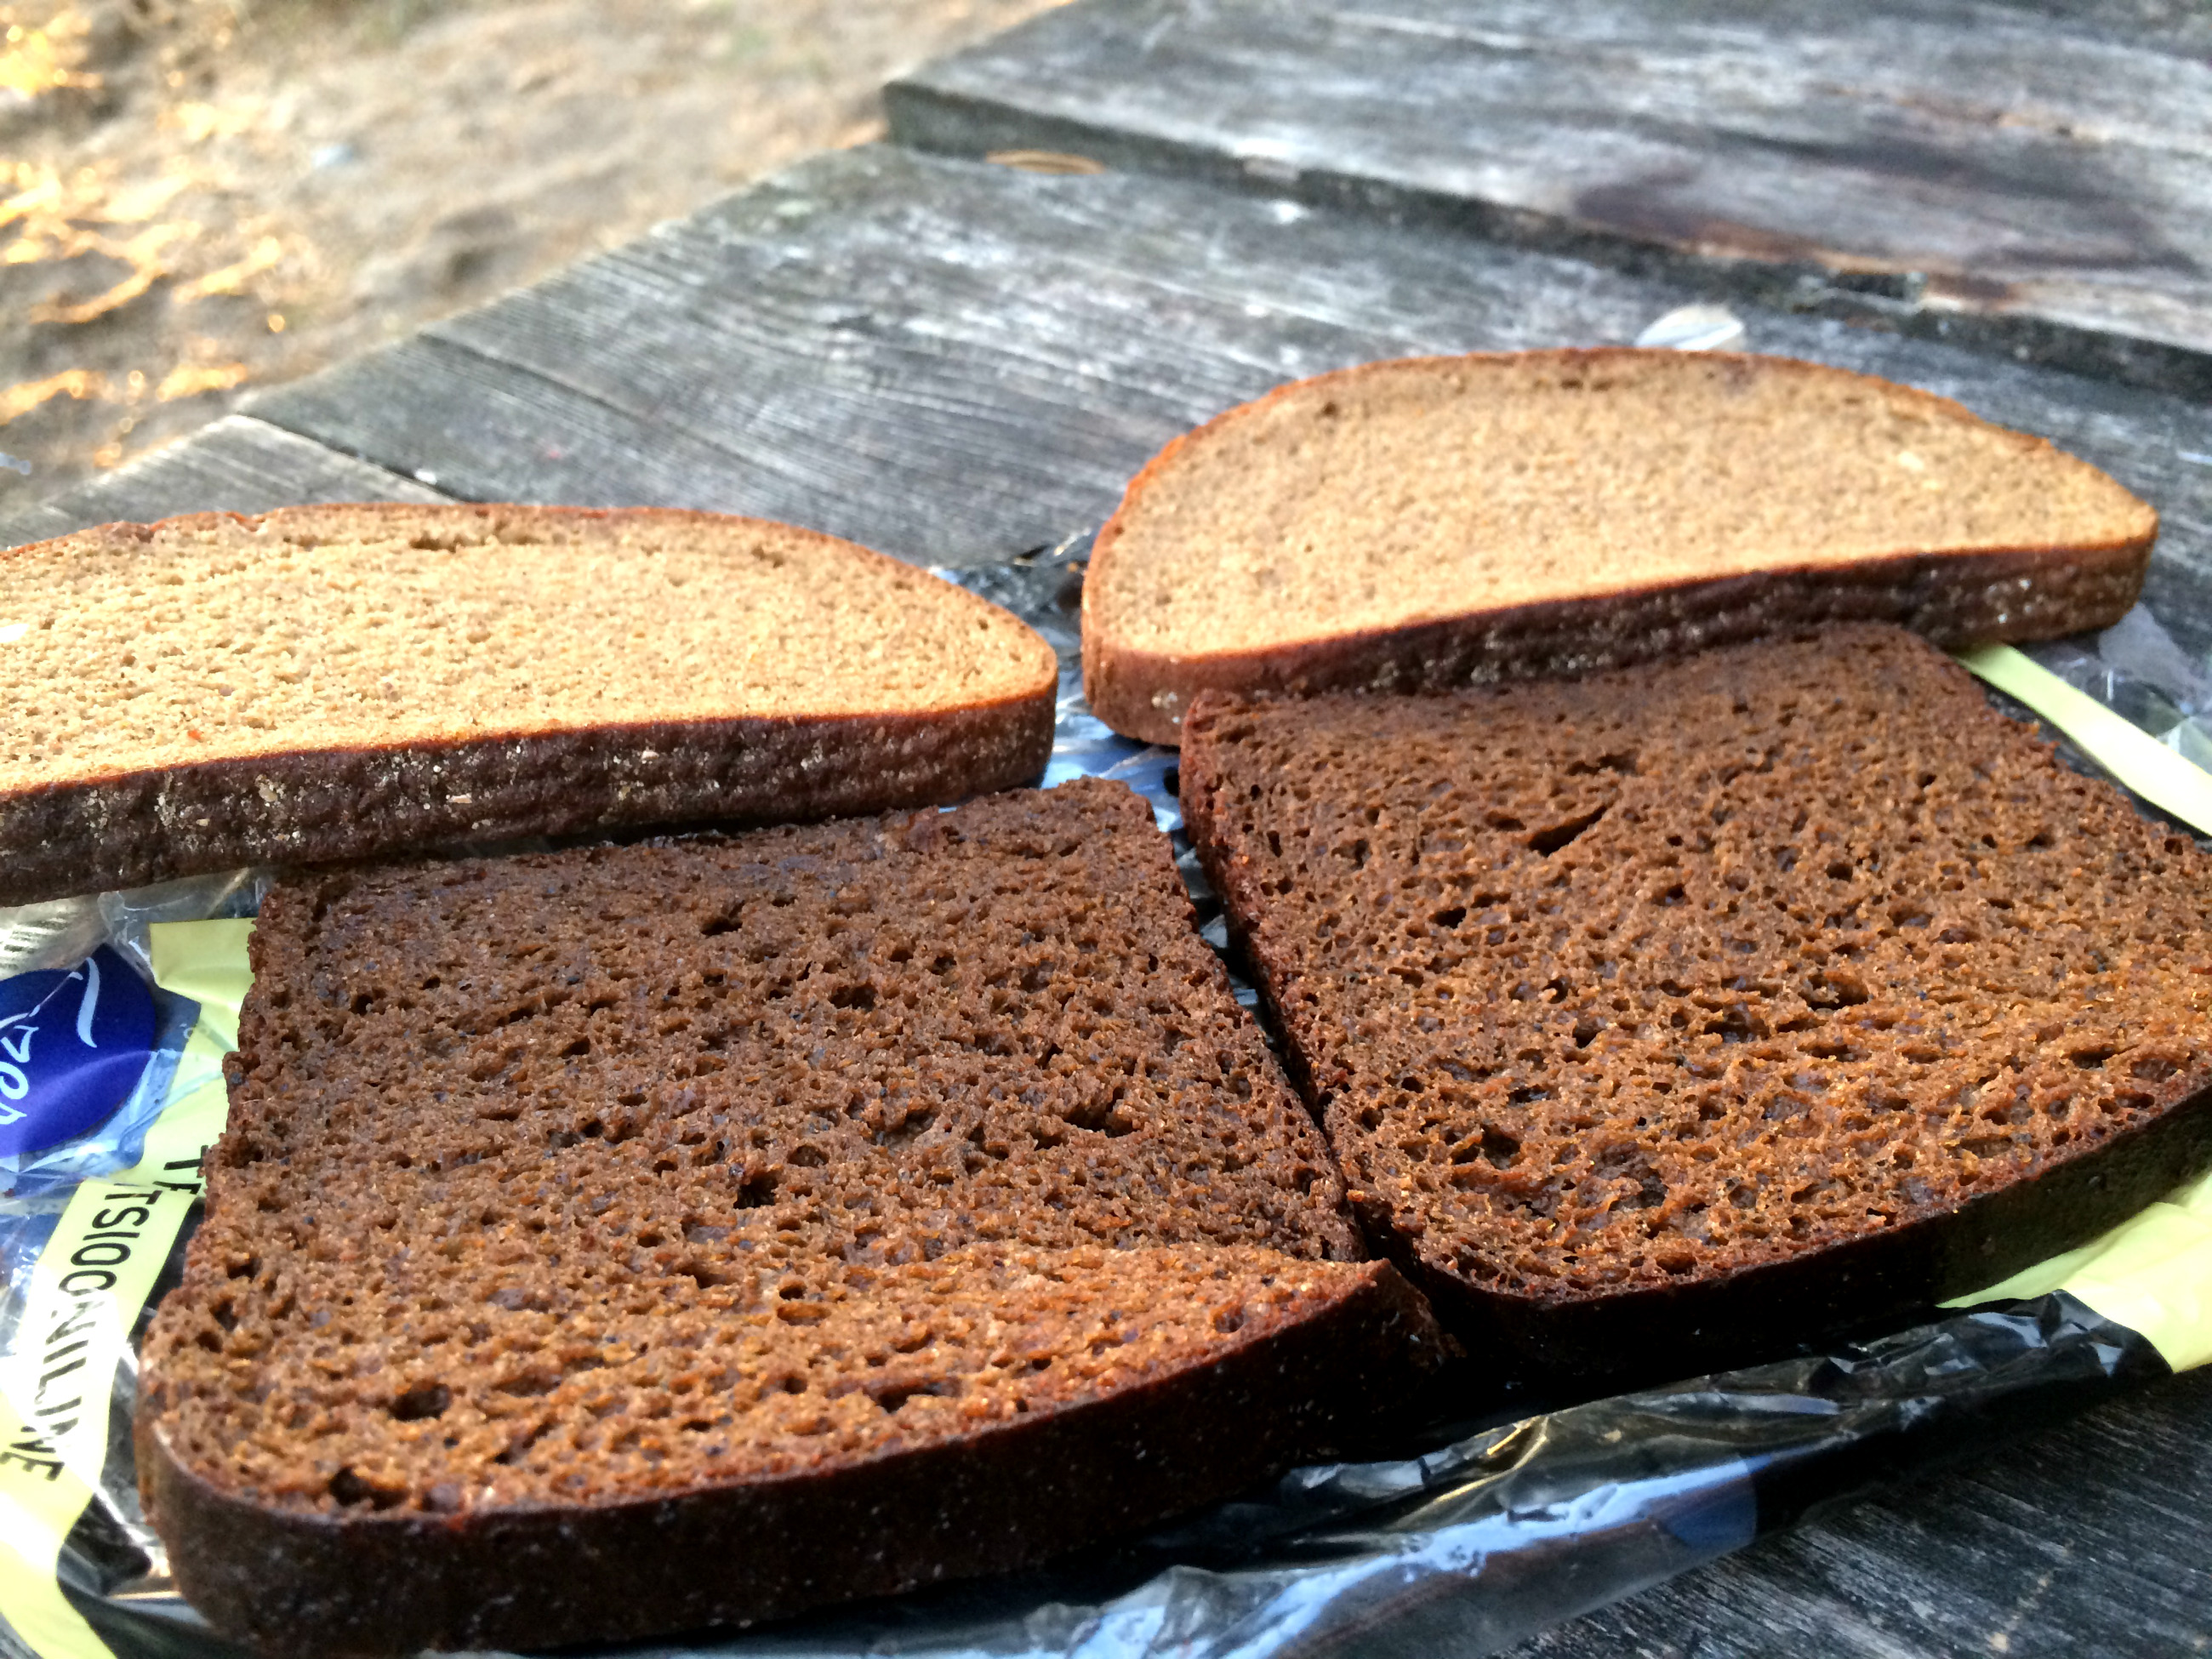 житній хліб прибалтика